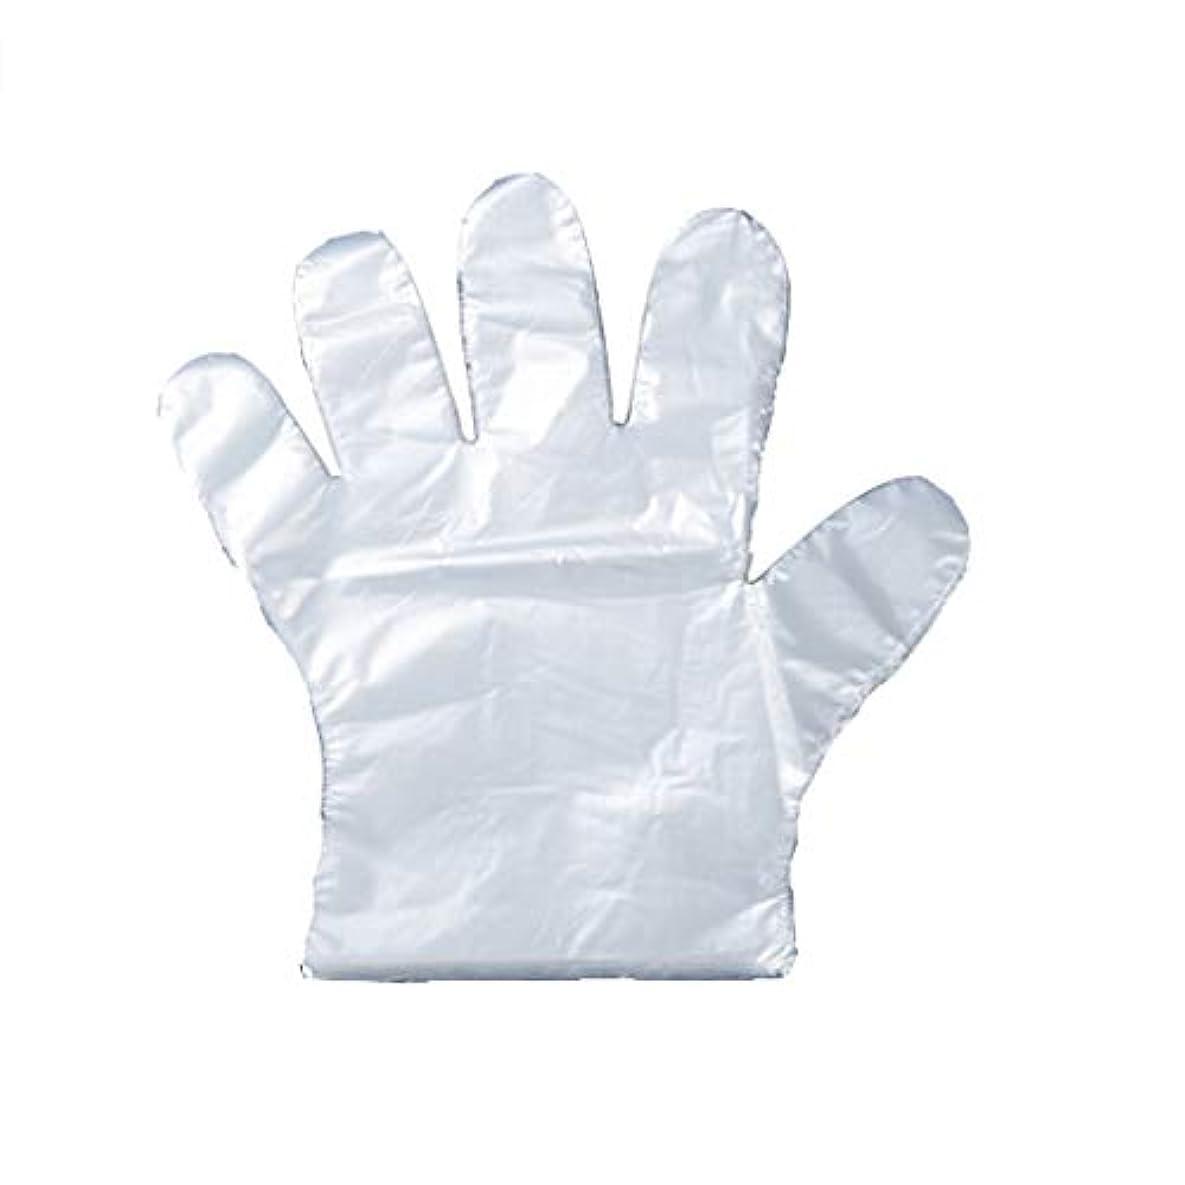 オーバーヘッド主流アナウンサー手袋、使い捨て手袋、食堂、髪および肥厚手袋PVC手袋は、1000倍になった。